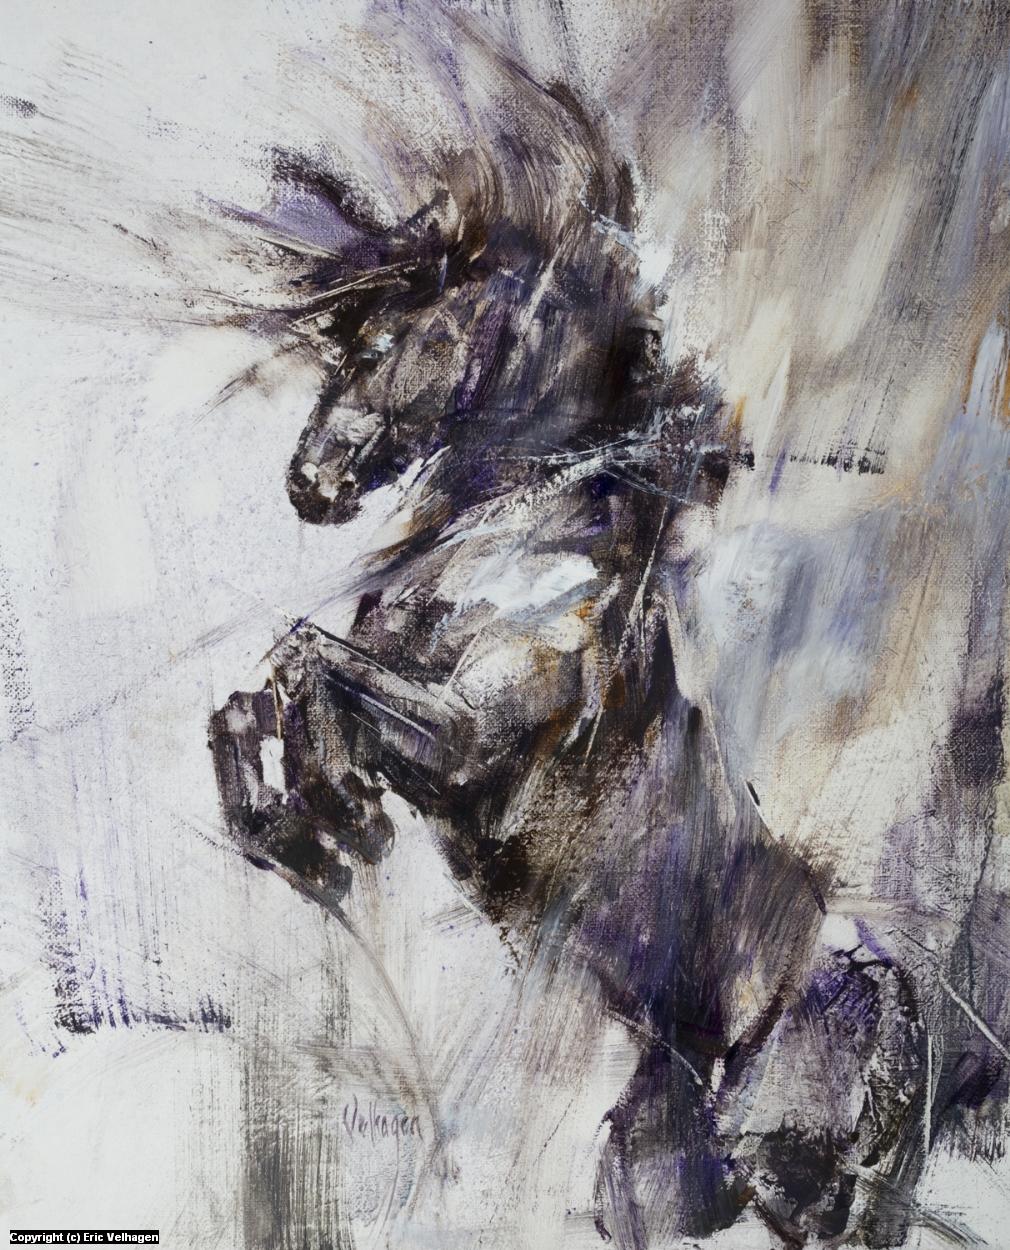 Abby's Horse Artwork by Eric Velhagen